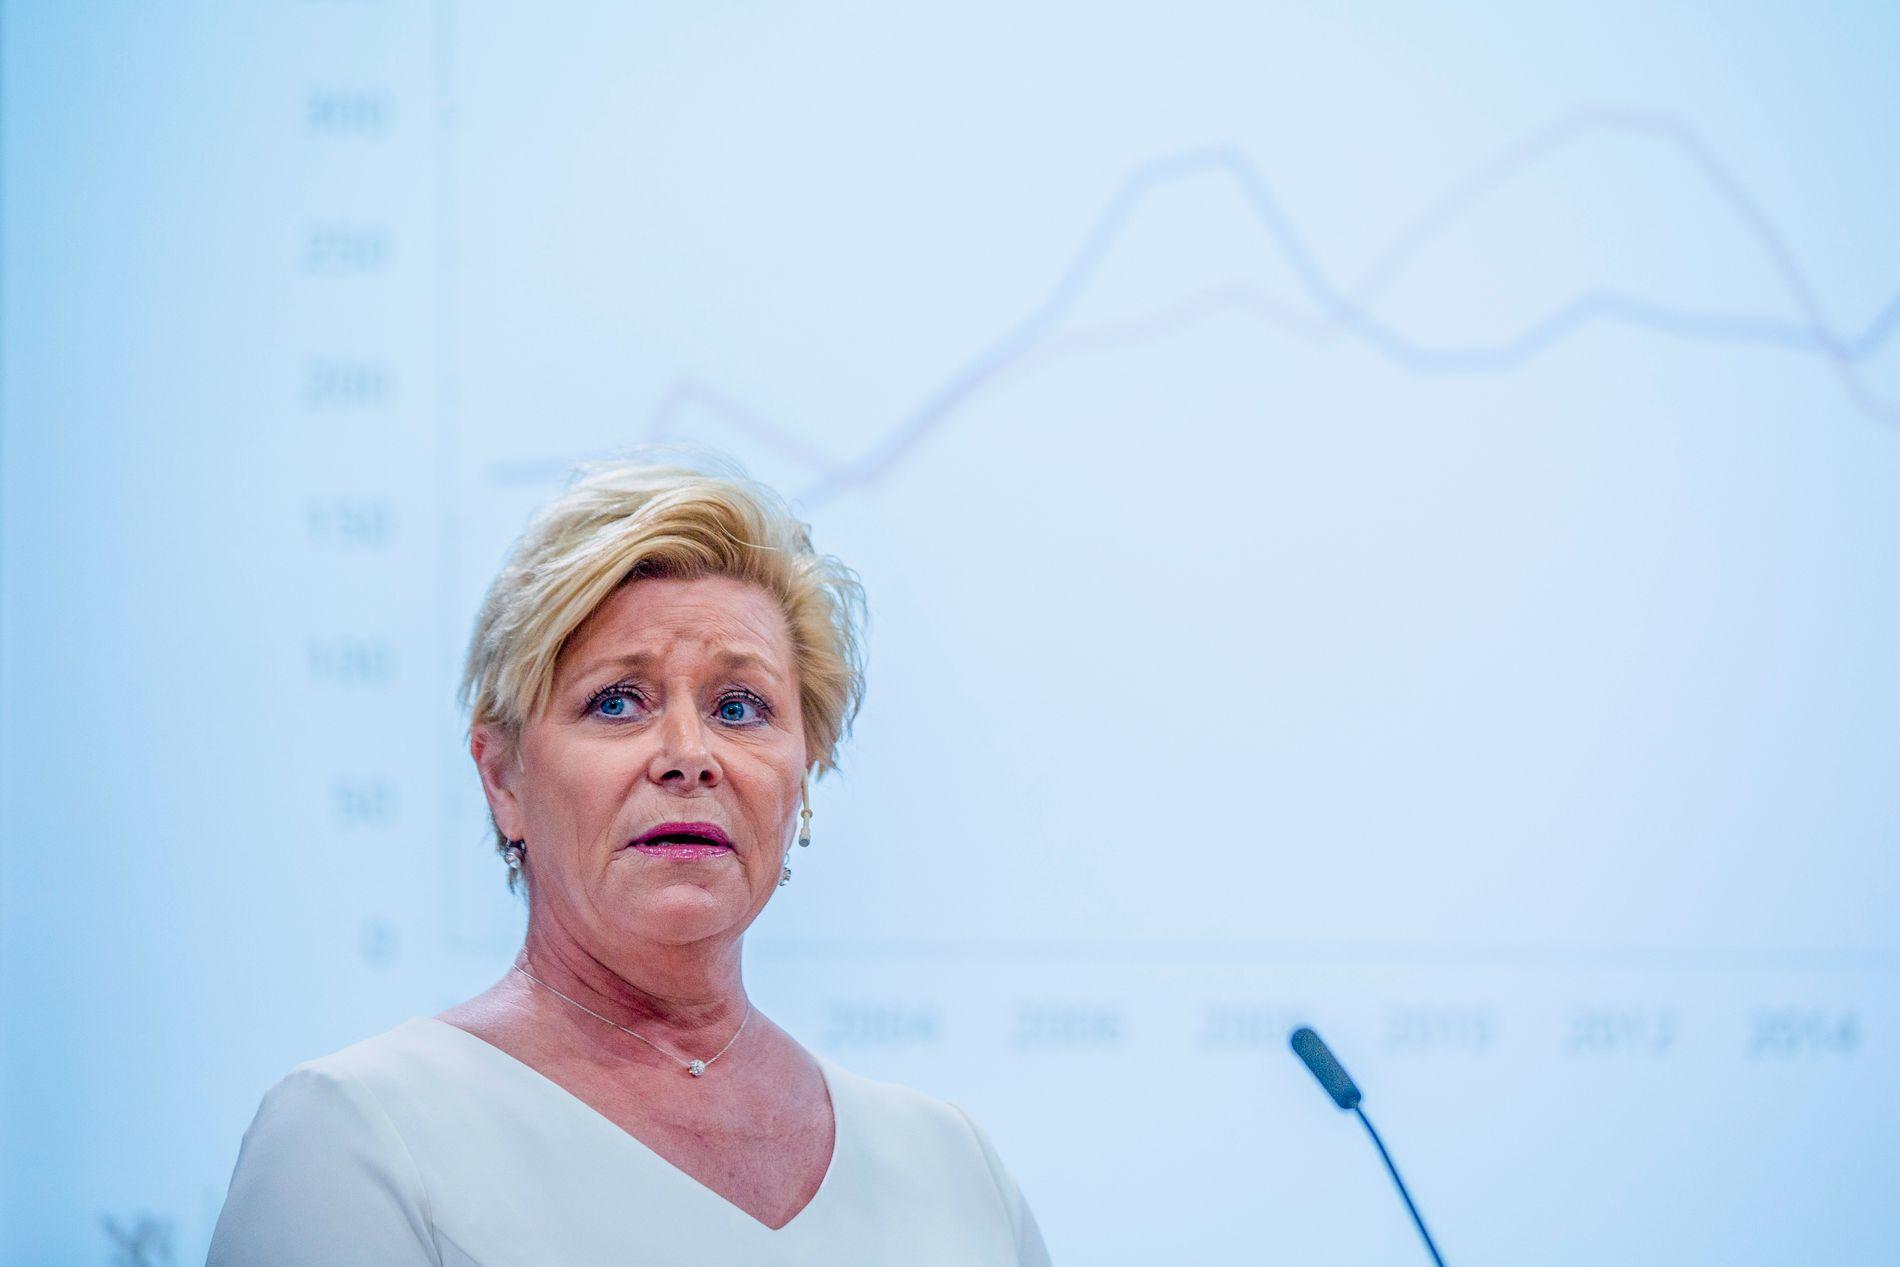 Frp-leder Siv Jensen sier hun ikke er fornøyd med målingen som viser at MDG er større enn Frp. Foto: Stian Lysberg Solum / NTB scanpix